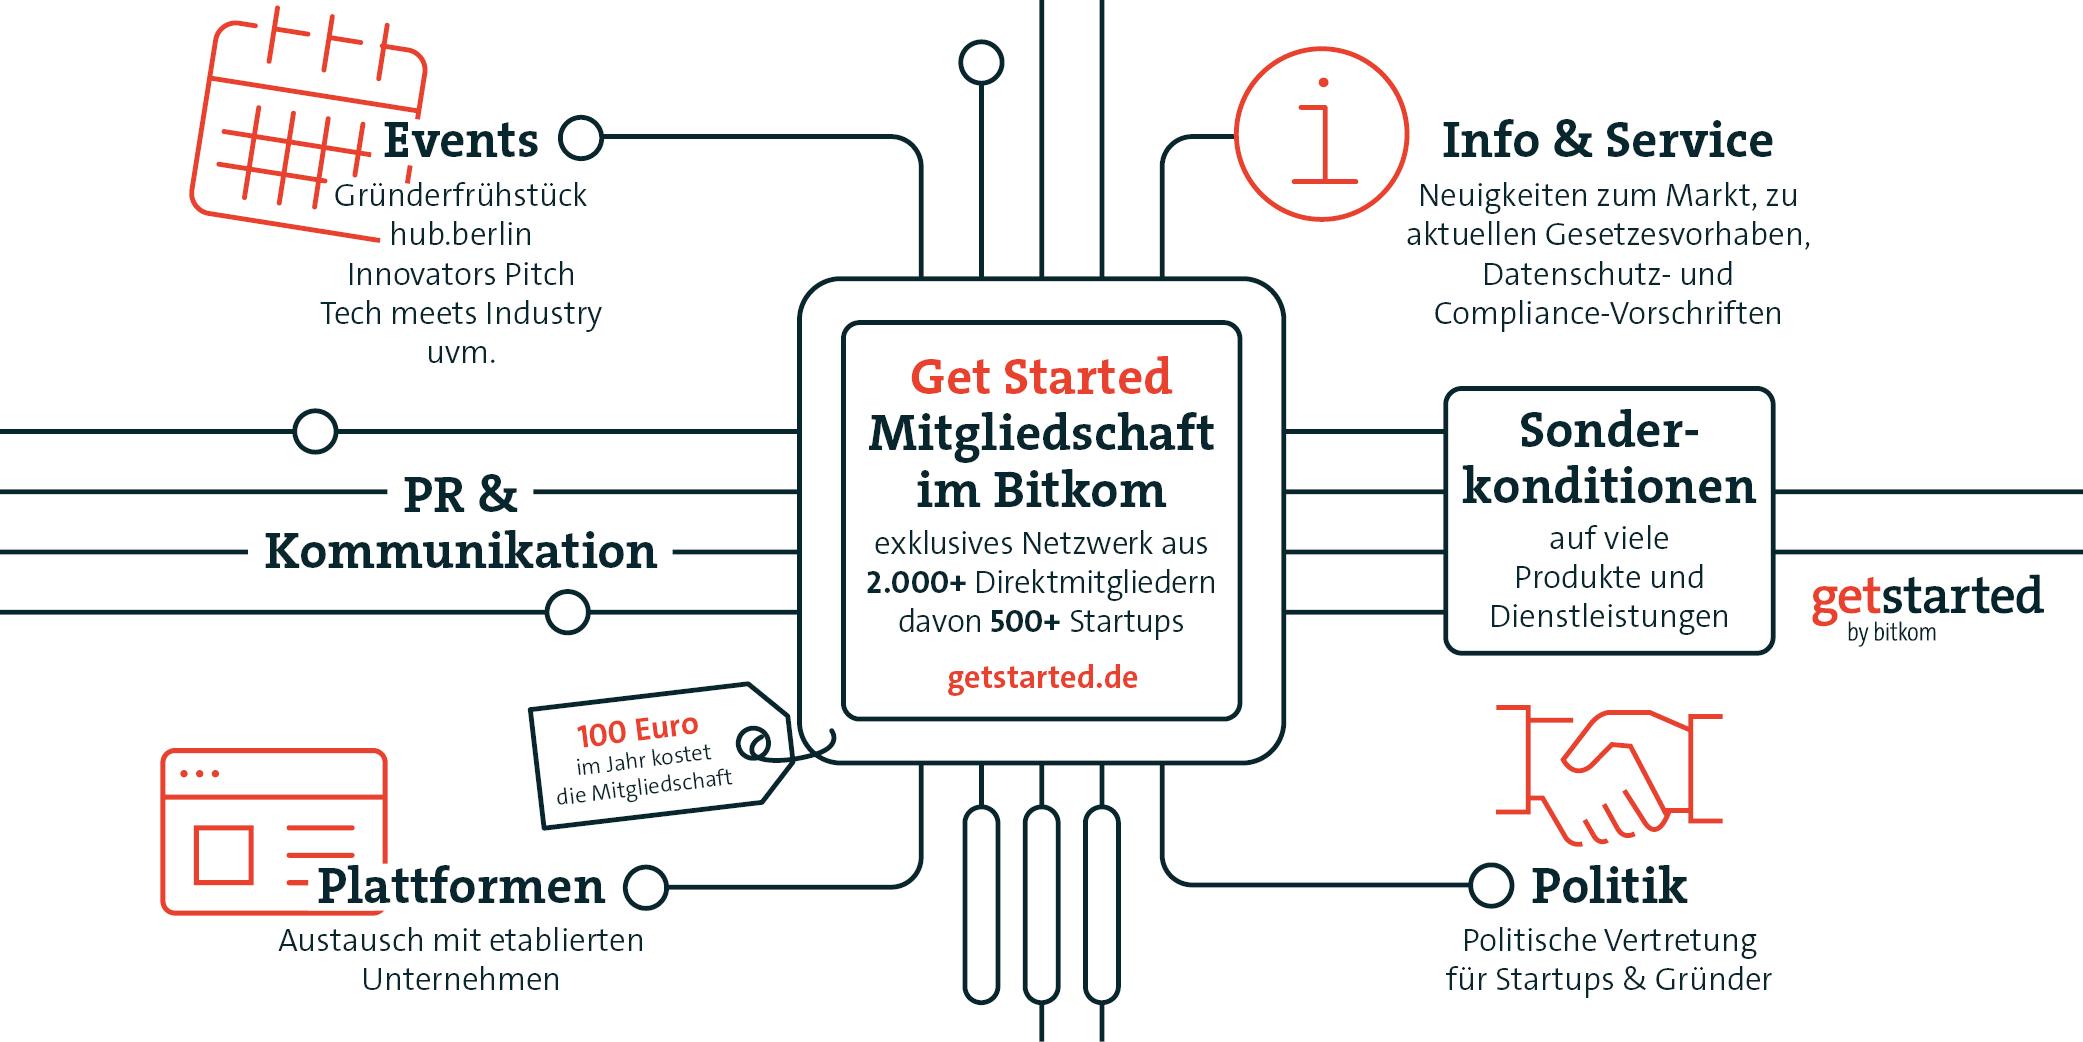 Übersicht Startup-Mitgliedschaft im Bitkom